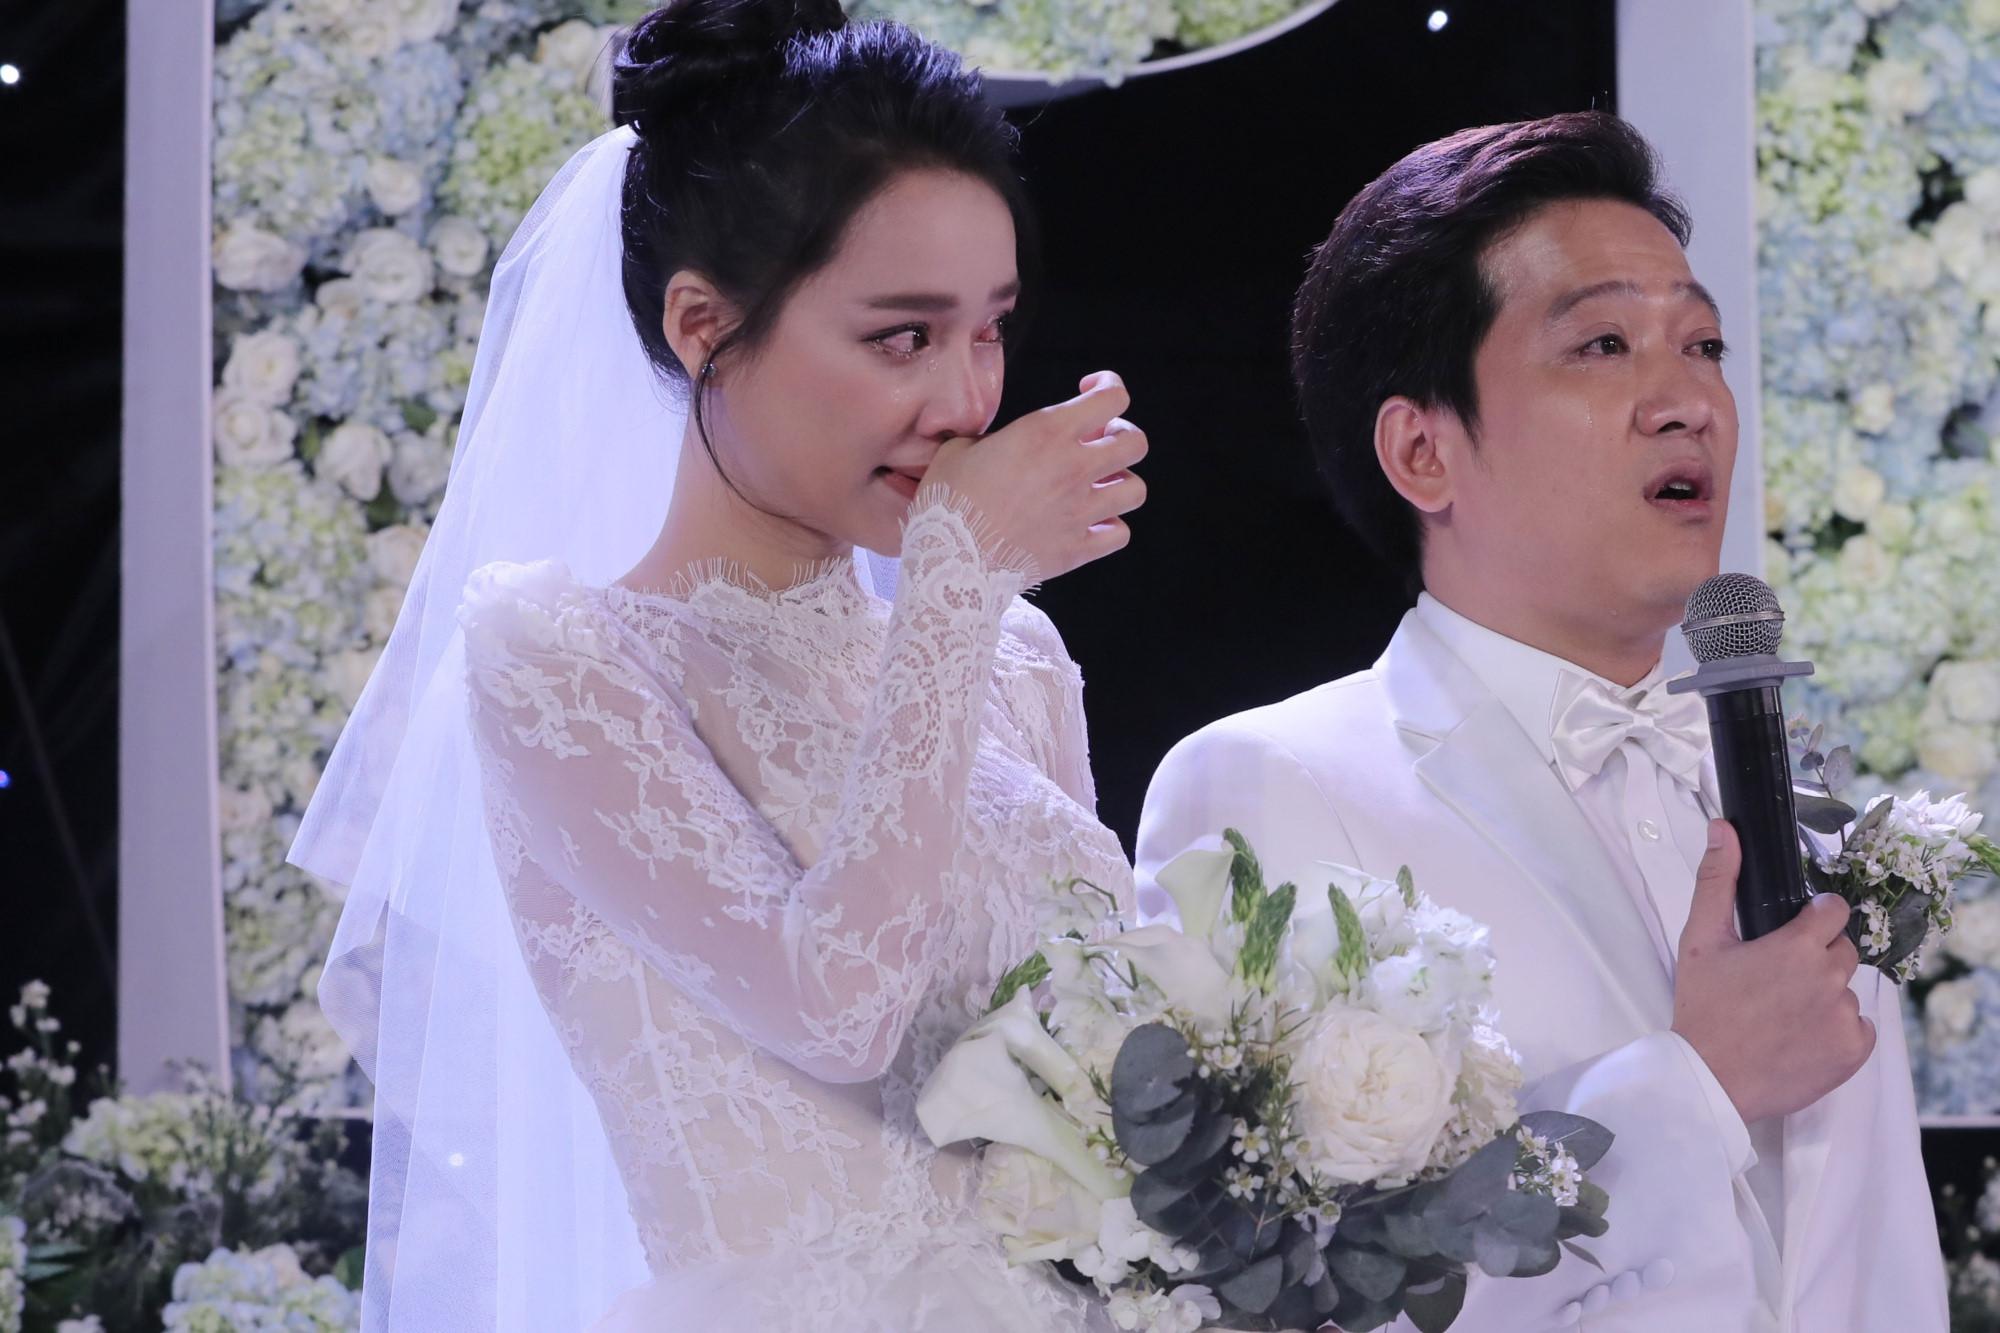 Kinh nghiệm cho thuê chú rể giả giúp đám cưới được diễn ra trọn vẹn1